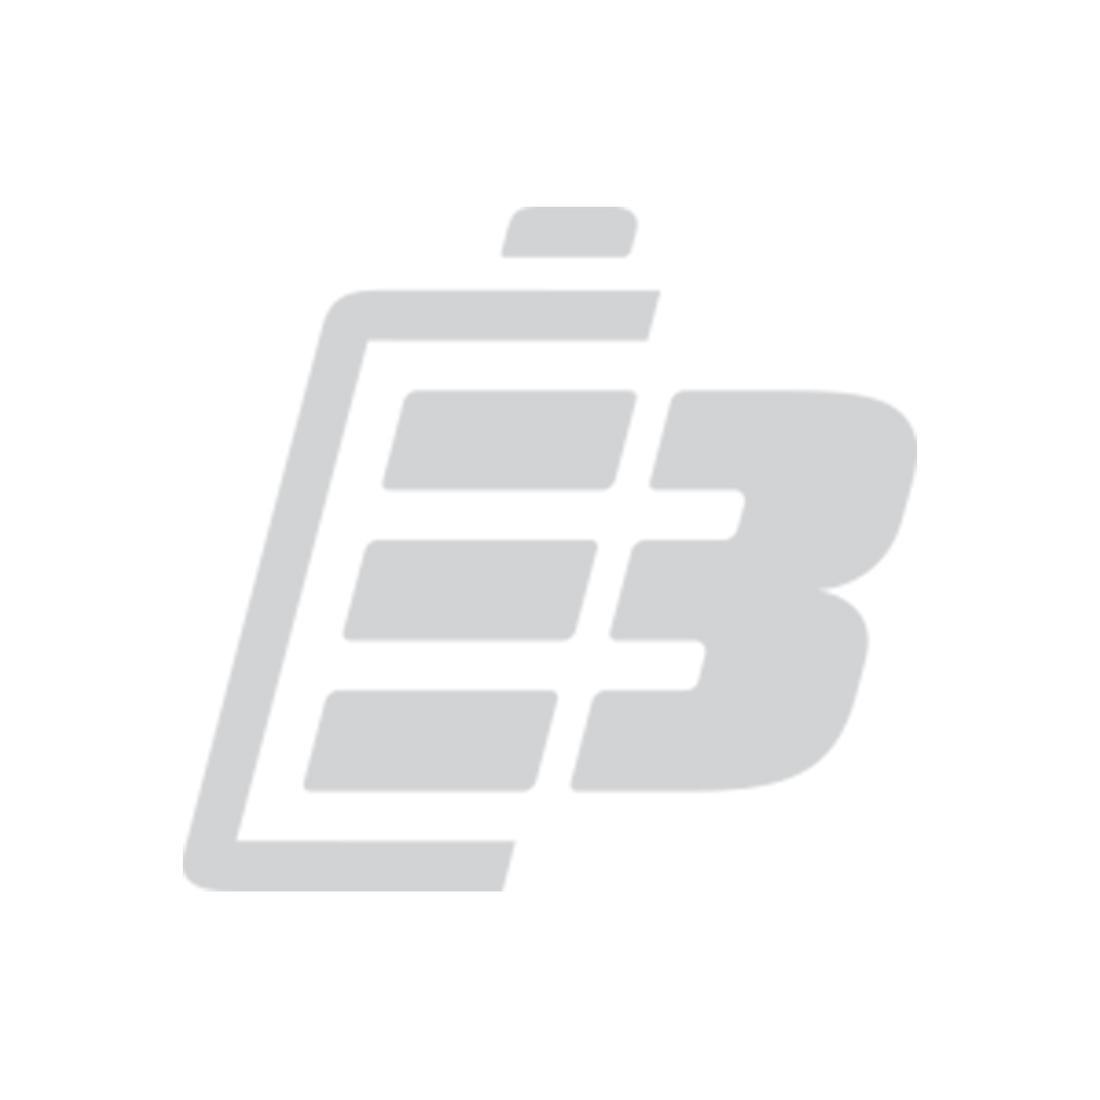 Power tool battery Bosch 14.4V 2.2Ah_1